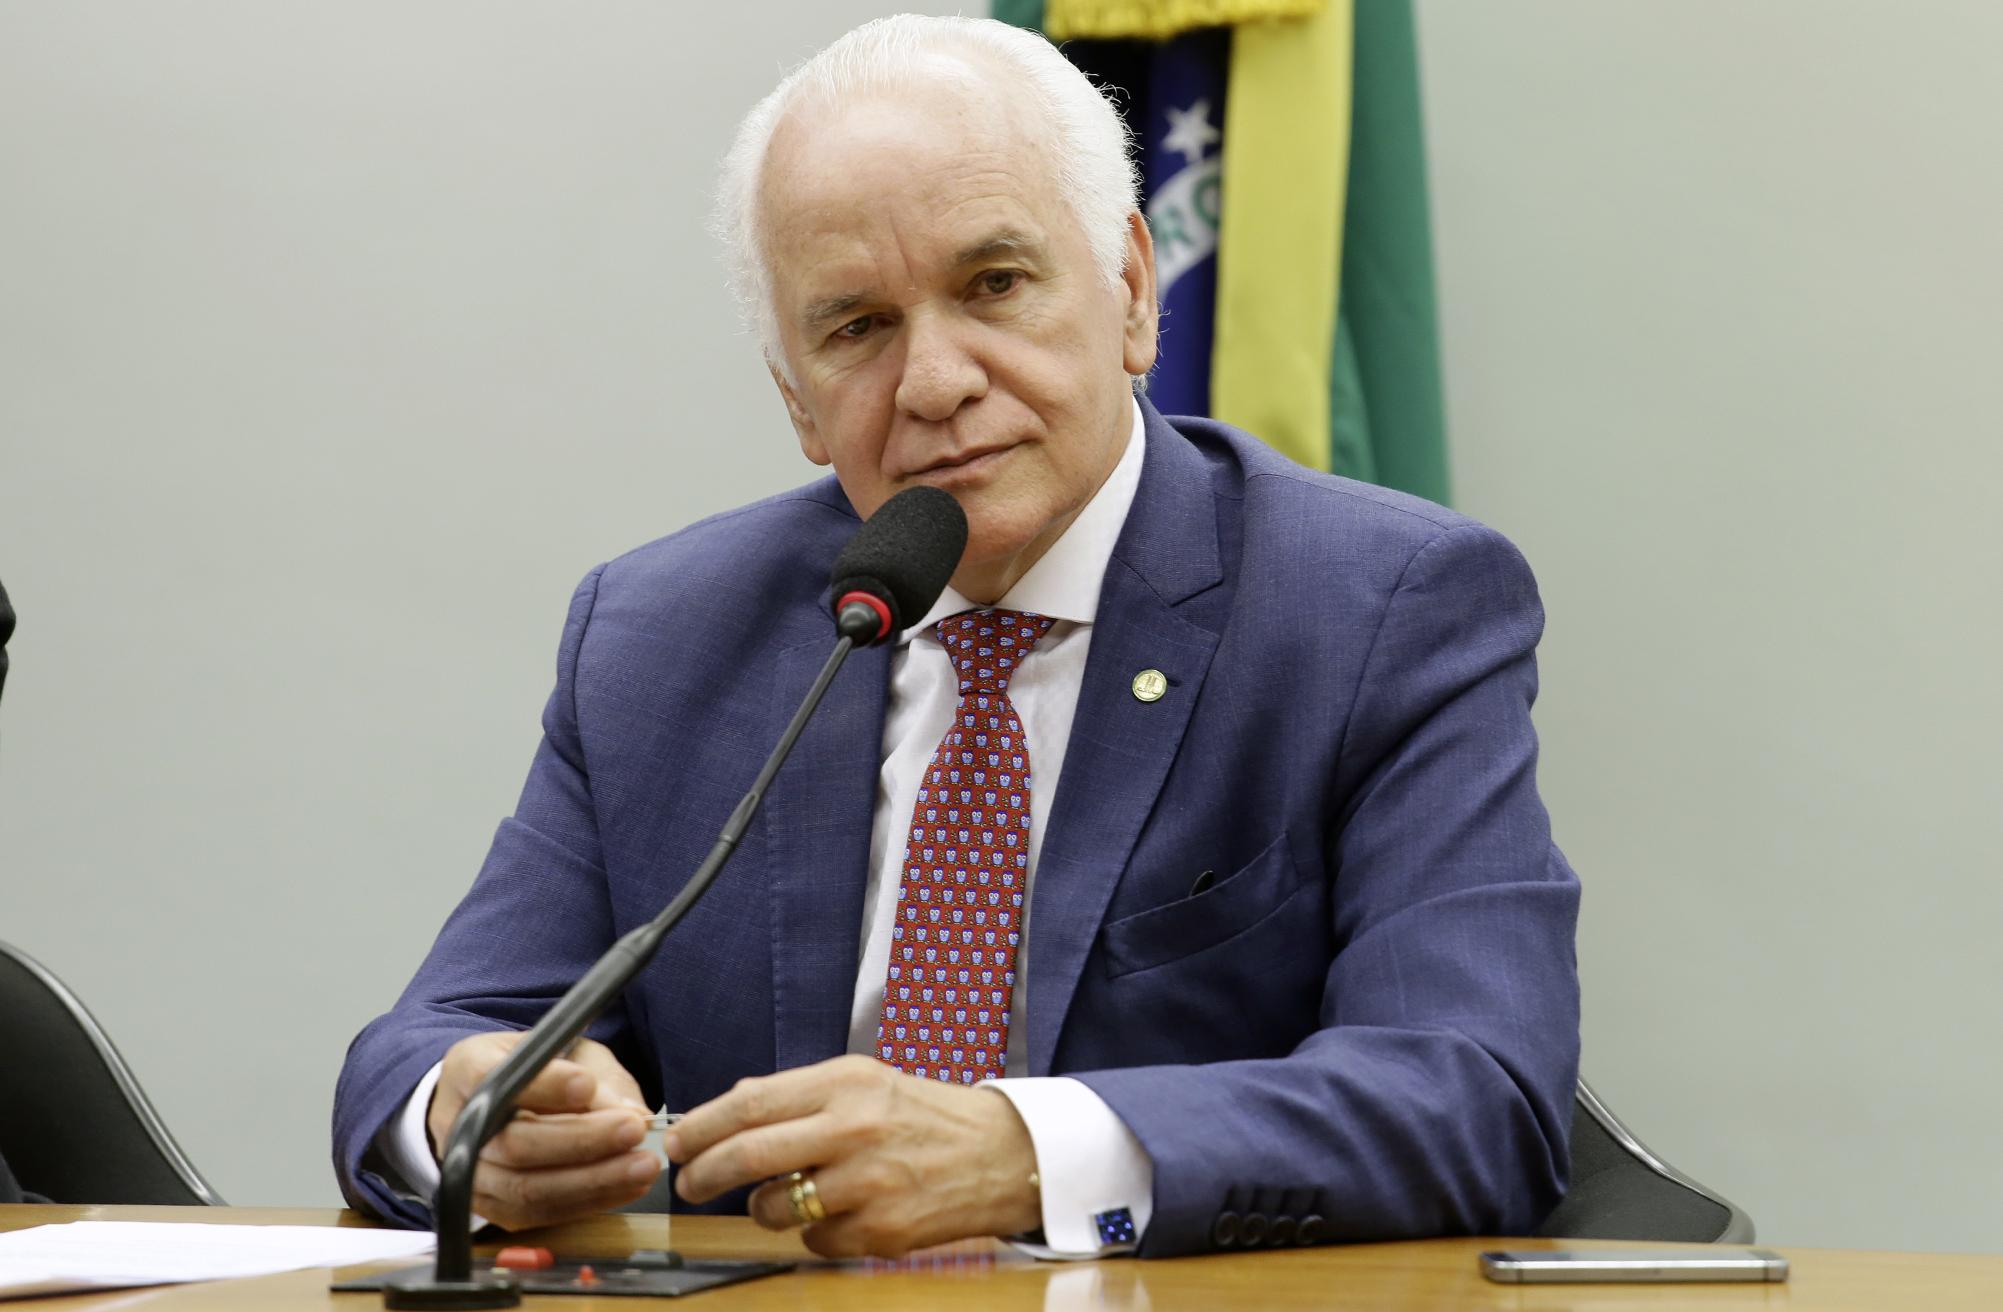 Audiência pública sobre as formas de violência contra a pessoa idosa e a importância da delegacia do idoso. Dep. Gilberto Nascimento (PSC - SP)